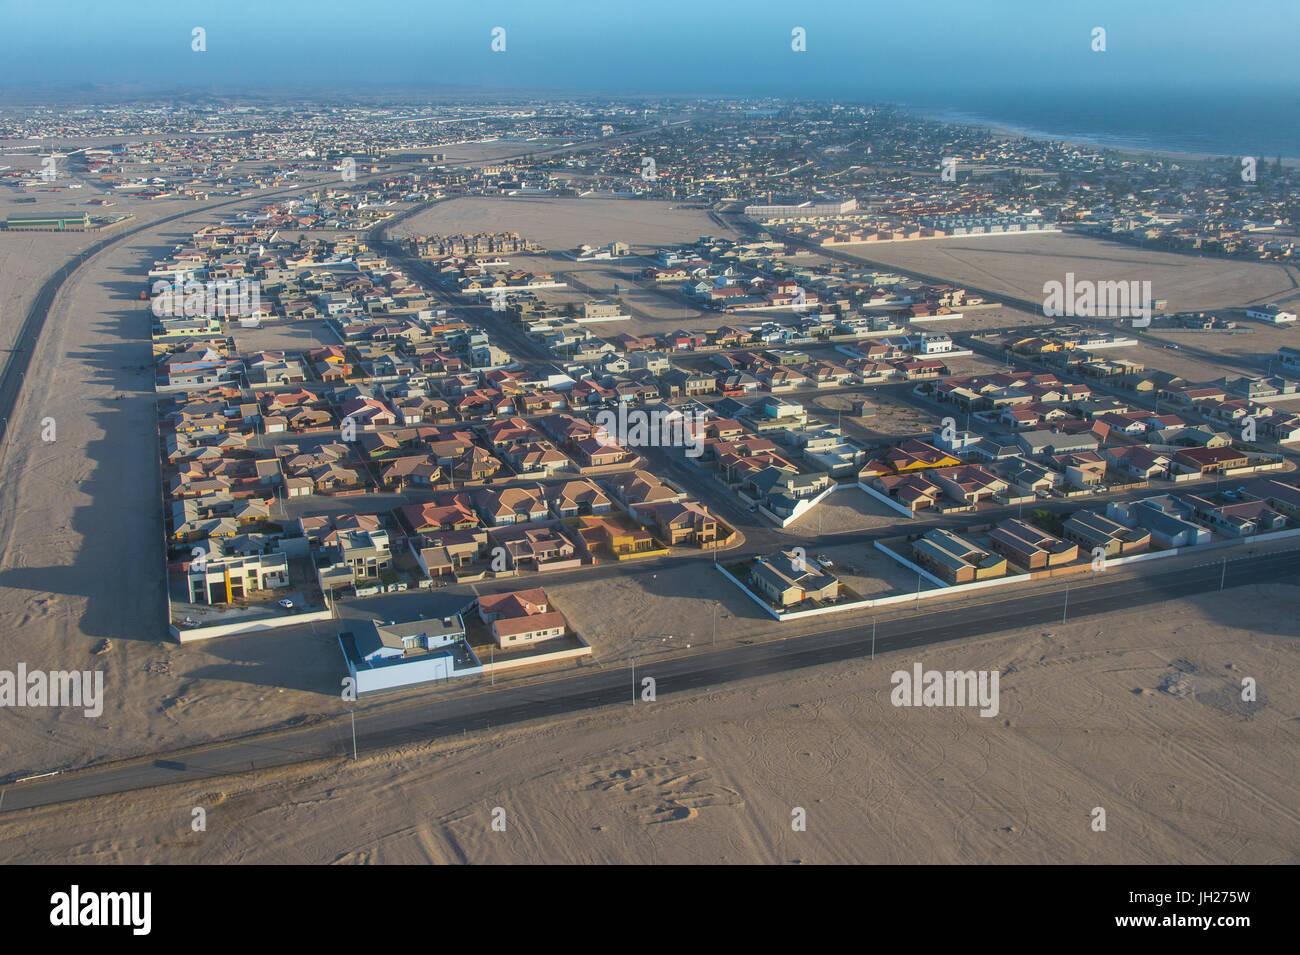 Luftaufnahmen von Swakopmund, Namibia, Afrika Stockbild